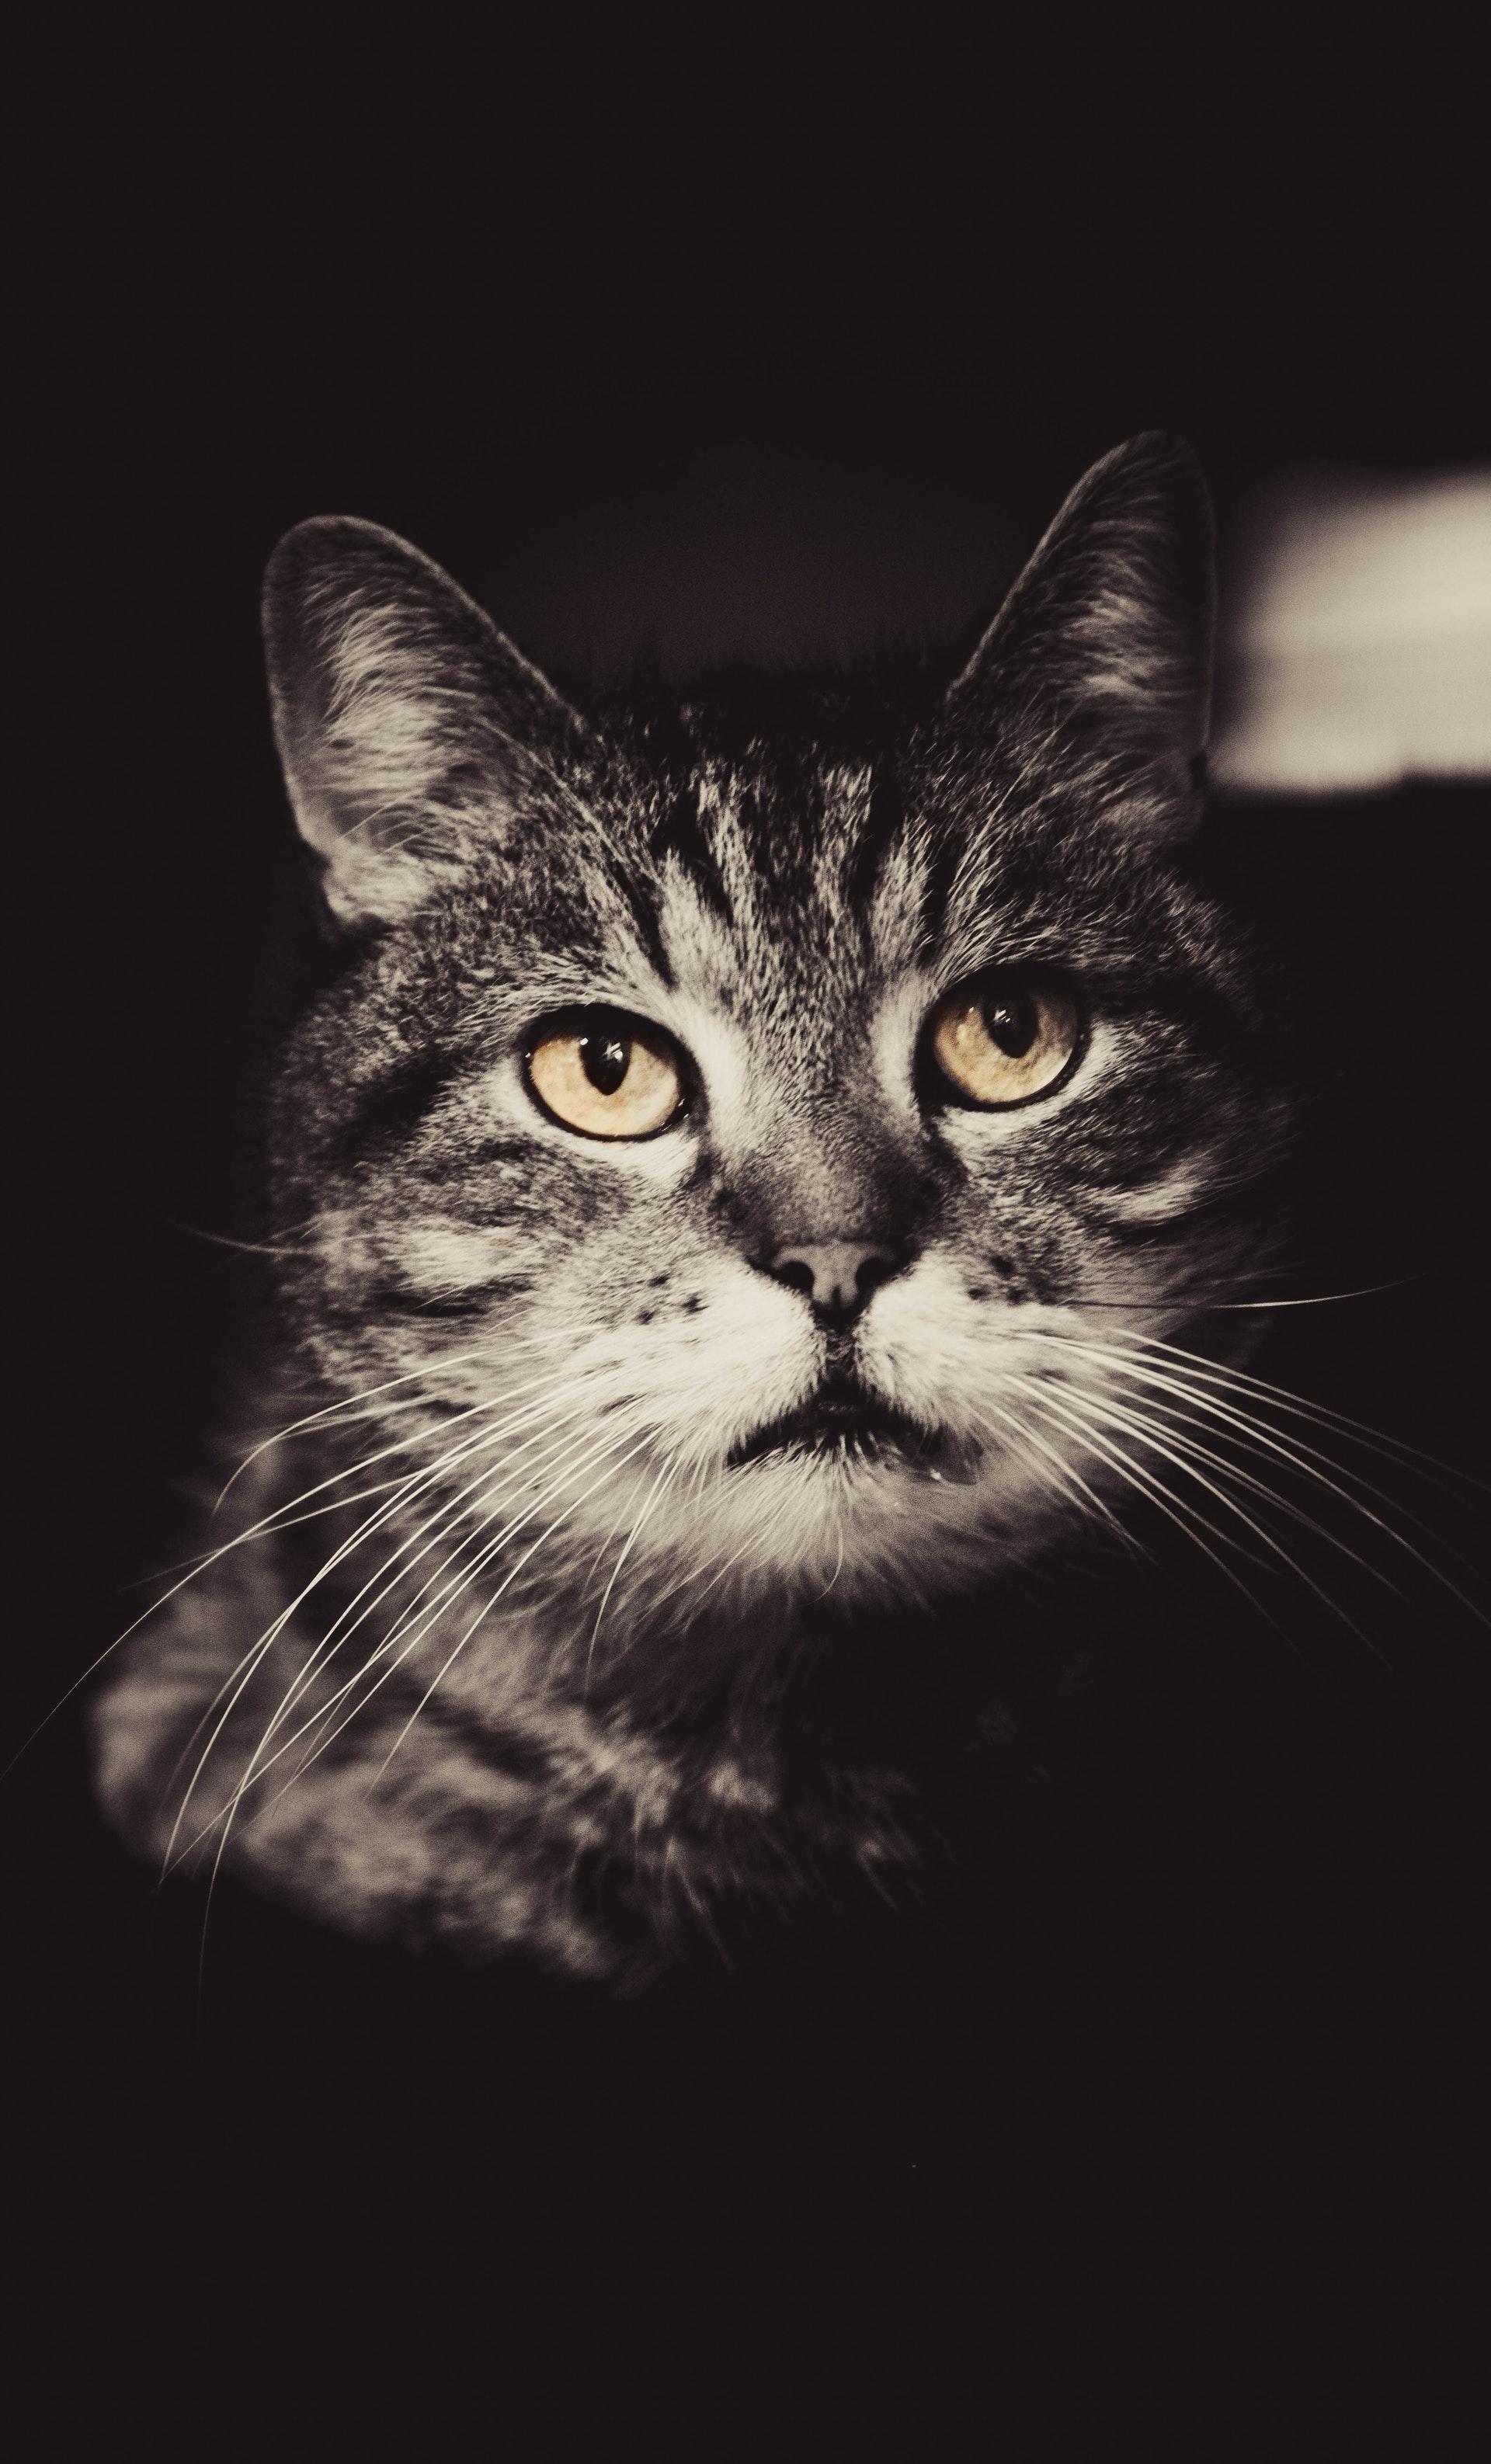 cat zwart wit